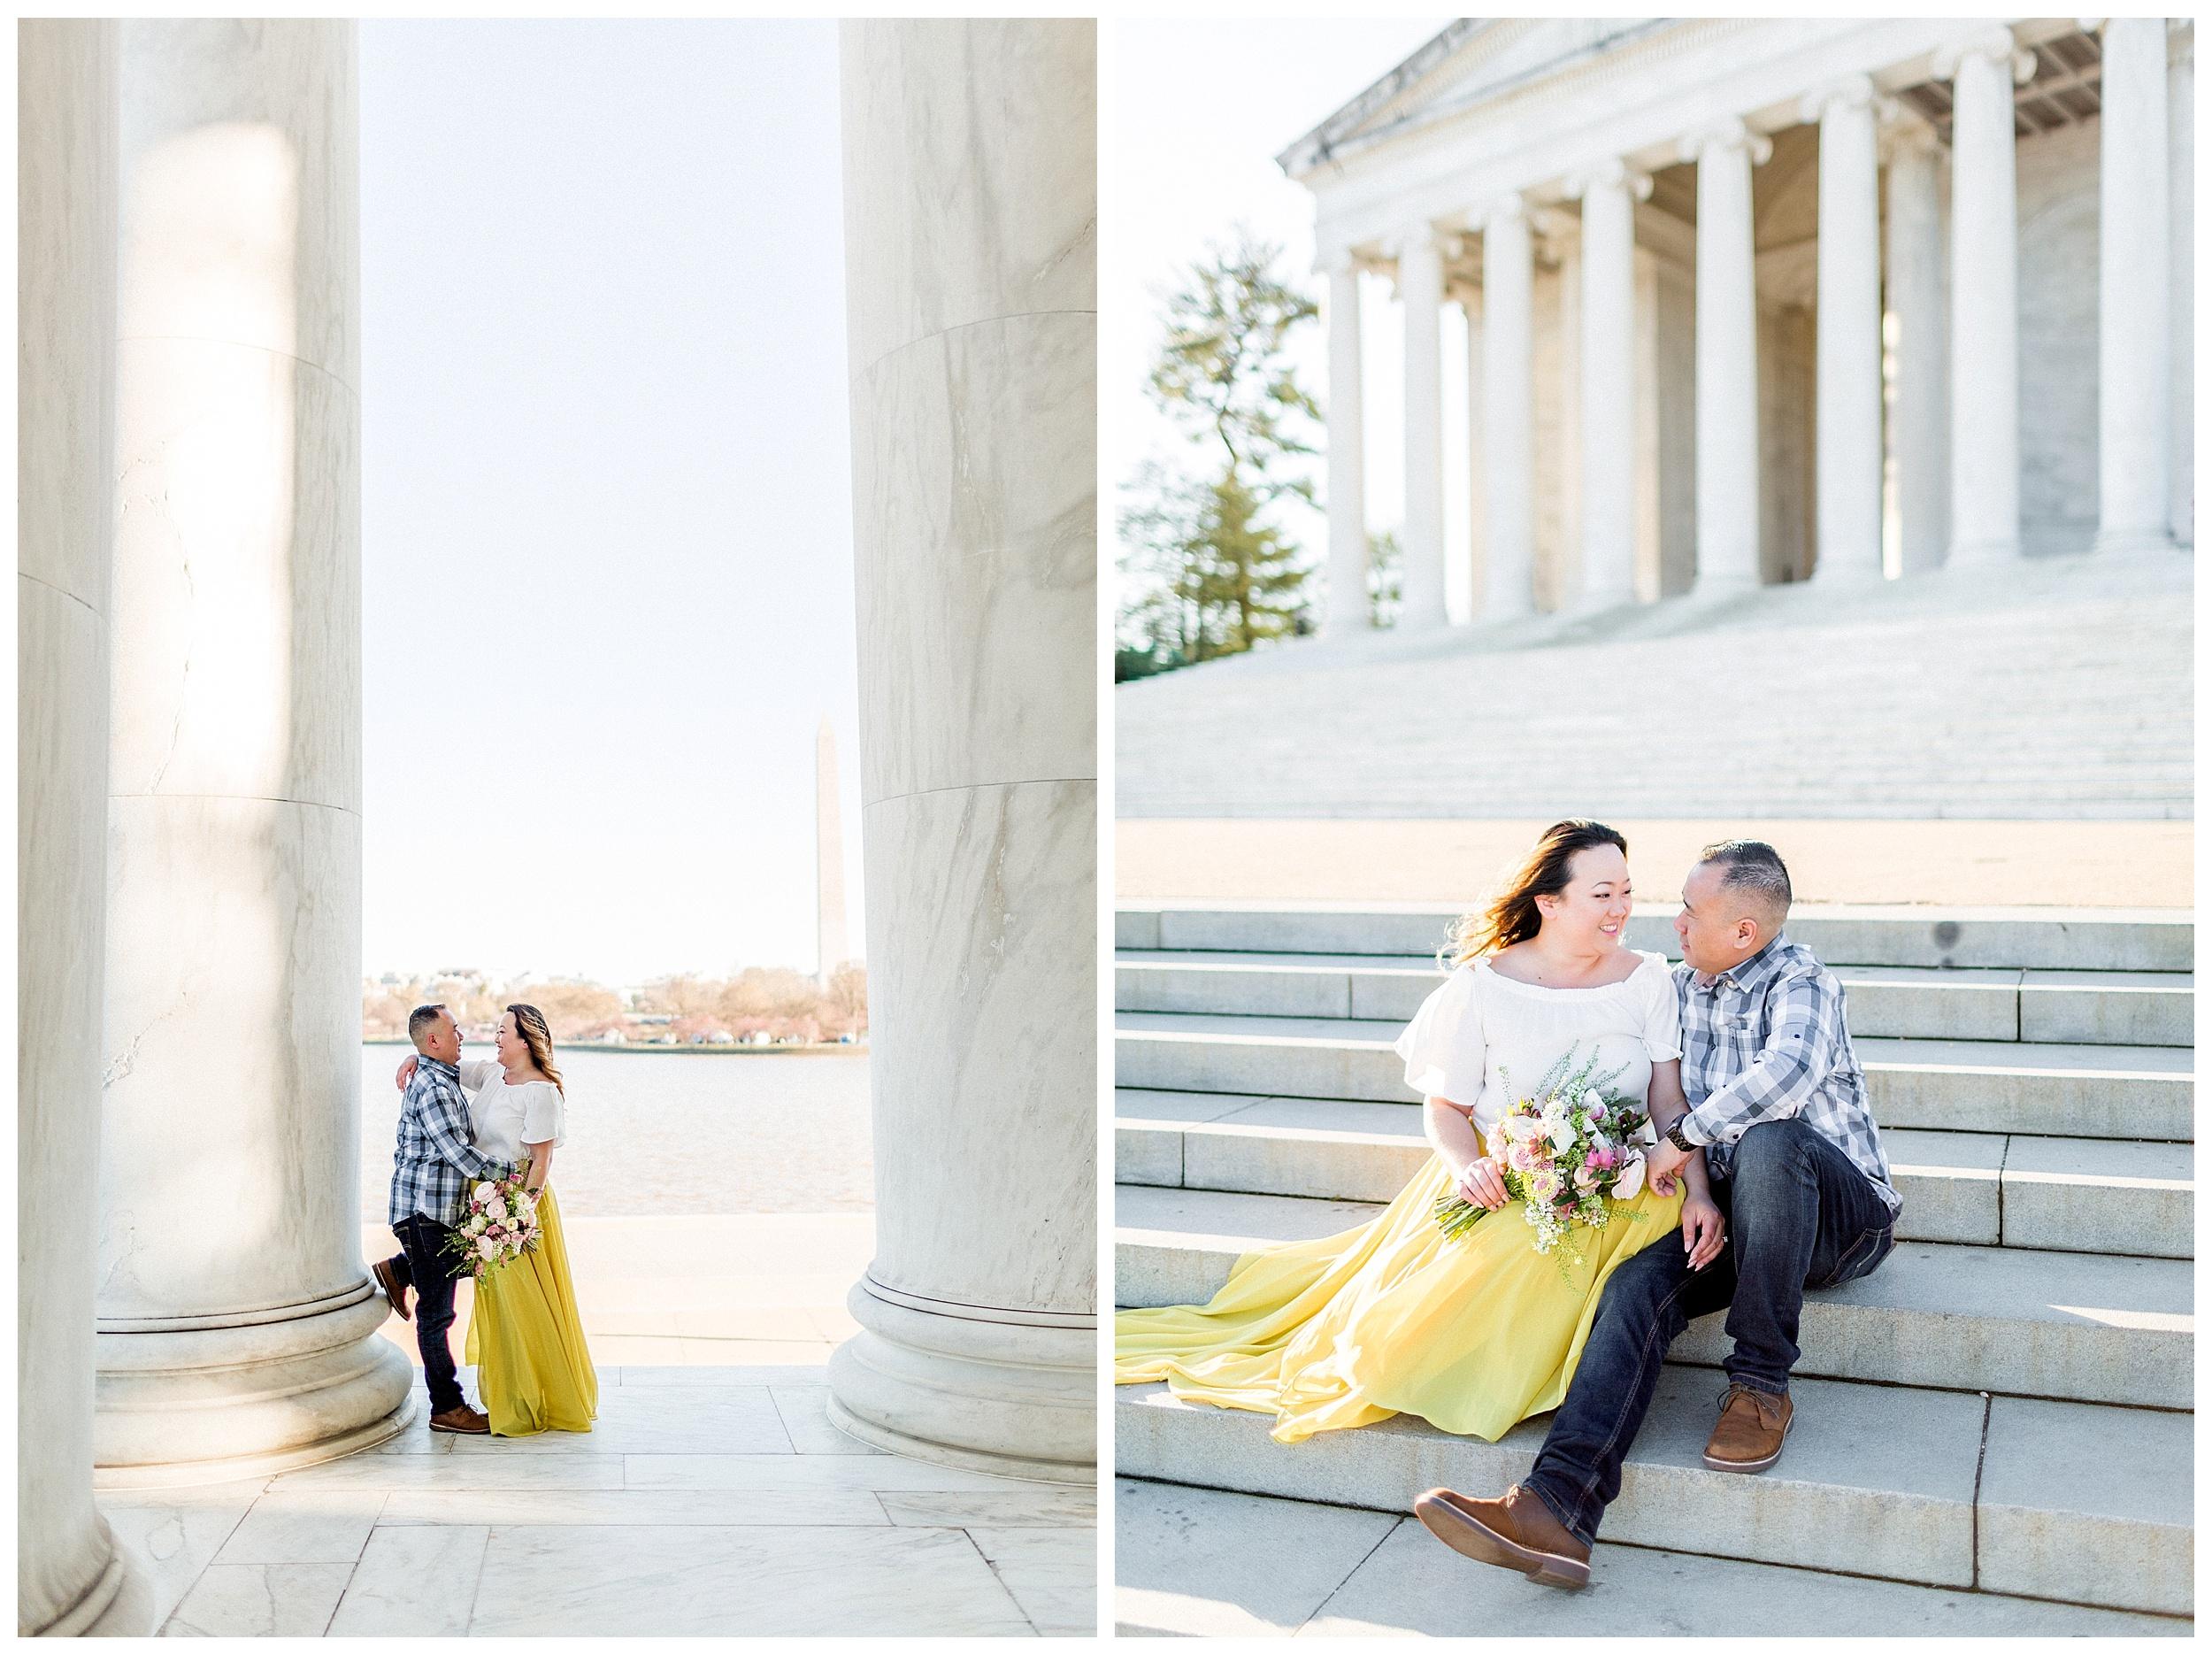 Washington DC Engagement Photos | Thomas Jefferson Engagement Session_0006.jpg